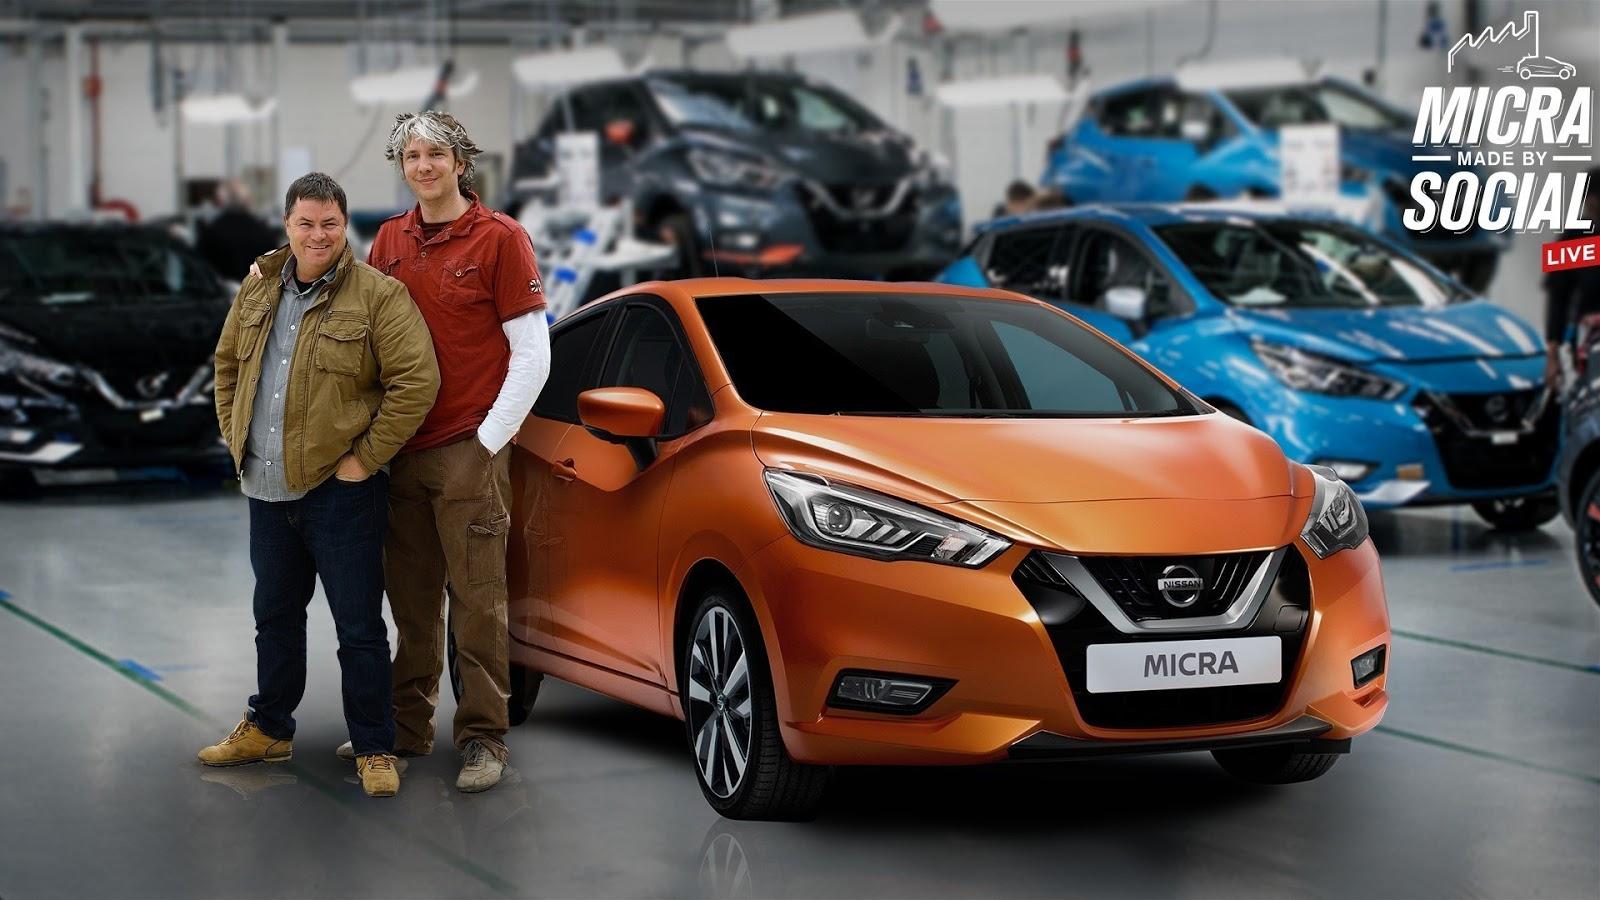 Οι φίλοι της Nissan διαμορφώνουν το νέο MICRA  στην γραμμή παραγωγής